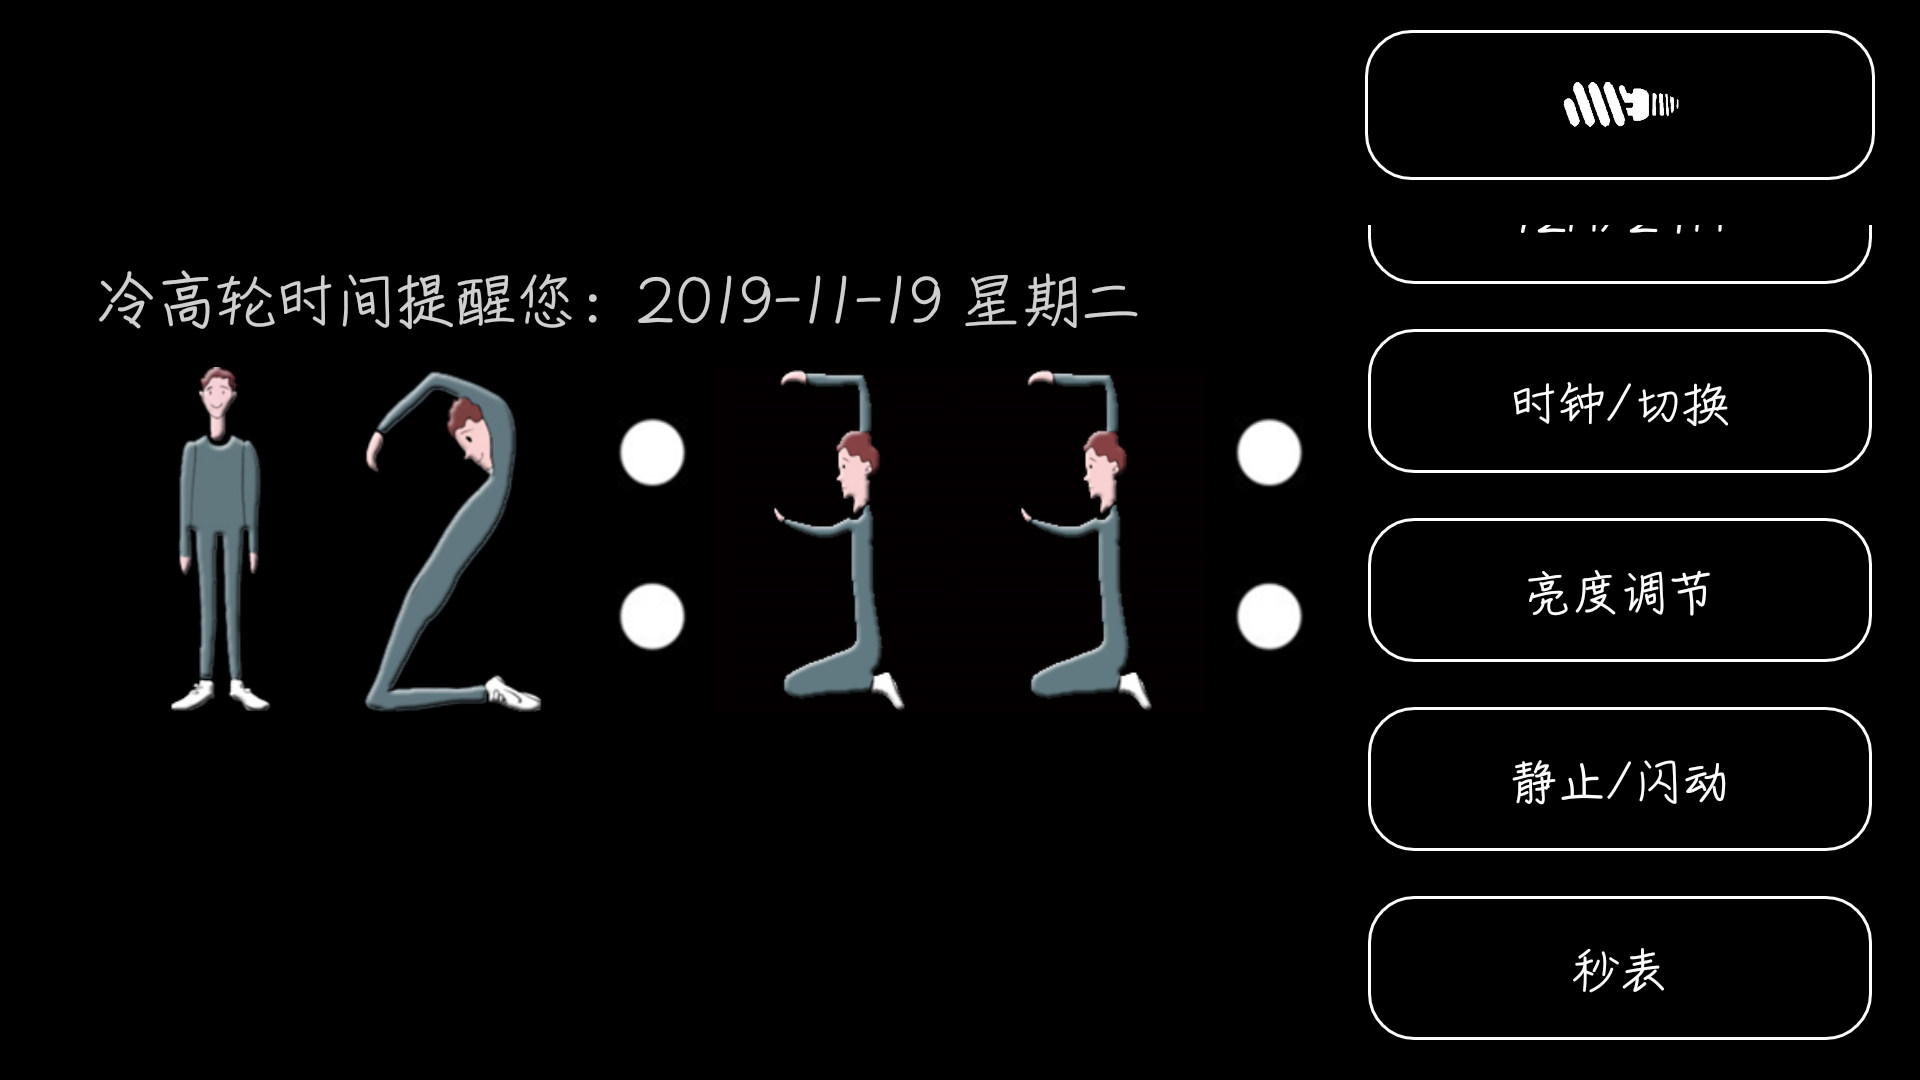 【分享】冷高轮时间 1.6-爱小助